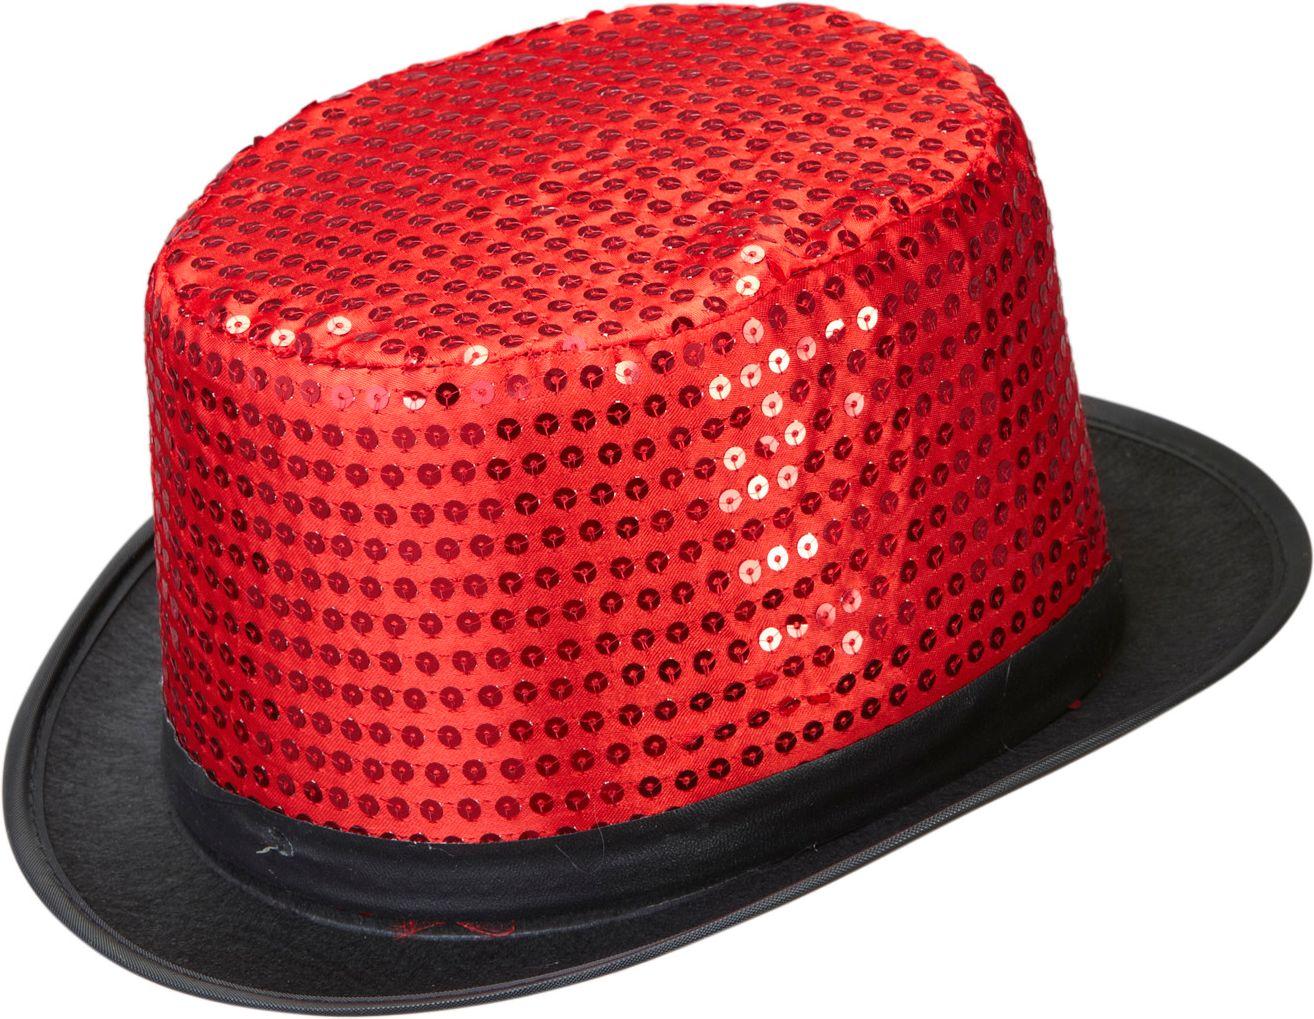 Pailletten hoge hoed rood